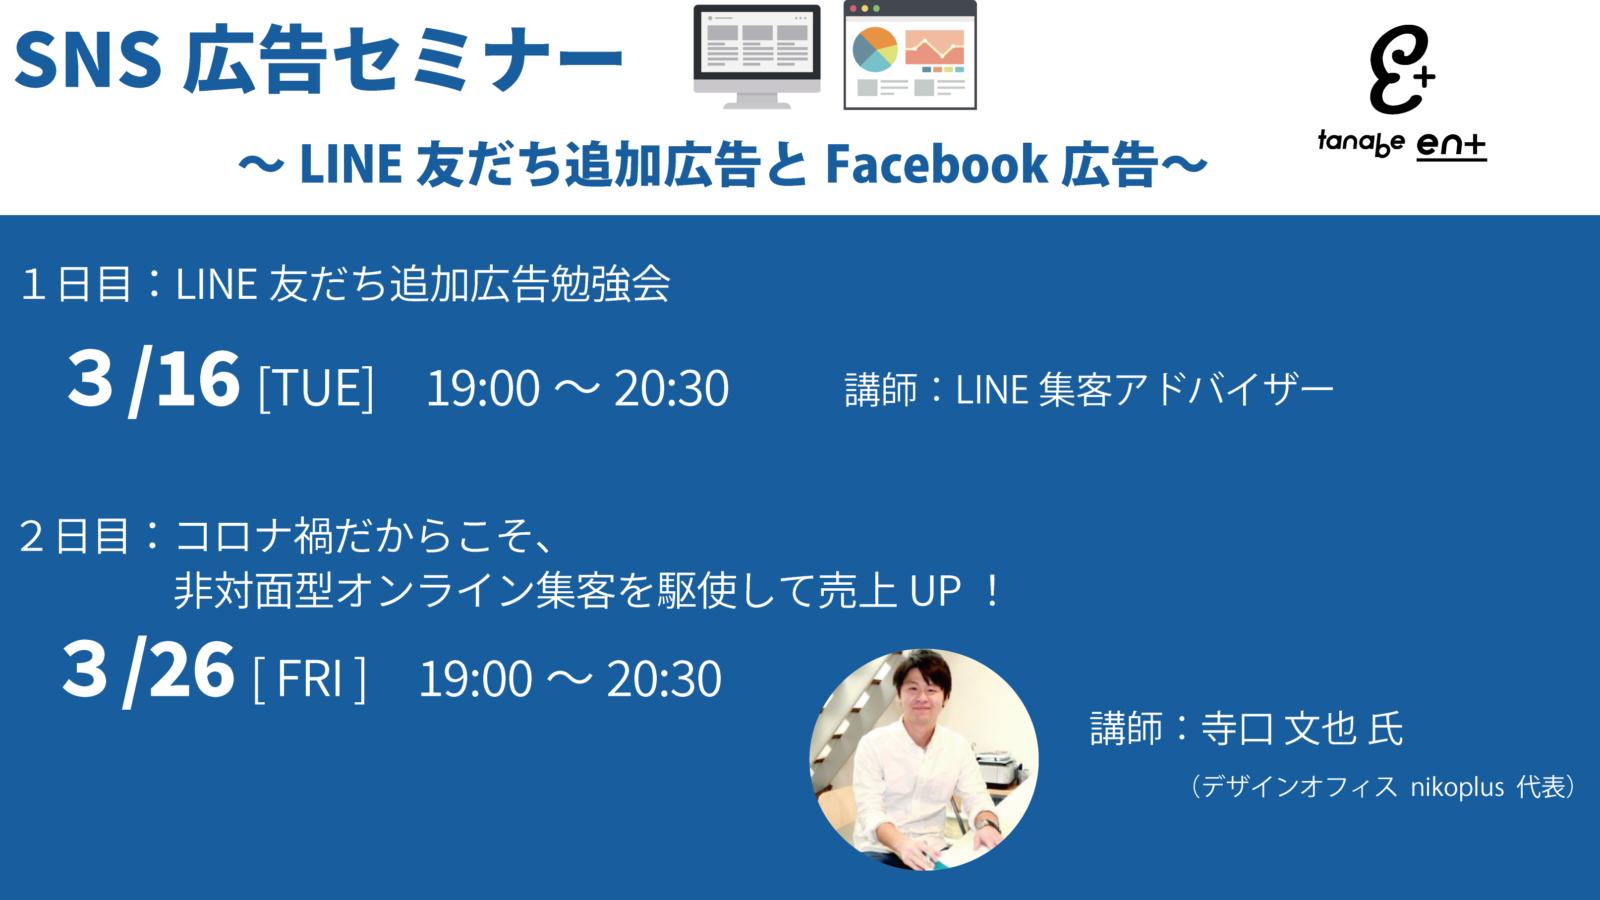 SNS広告セミナー<br>~LINE友だち追加広告とFacebook広告~